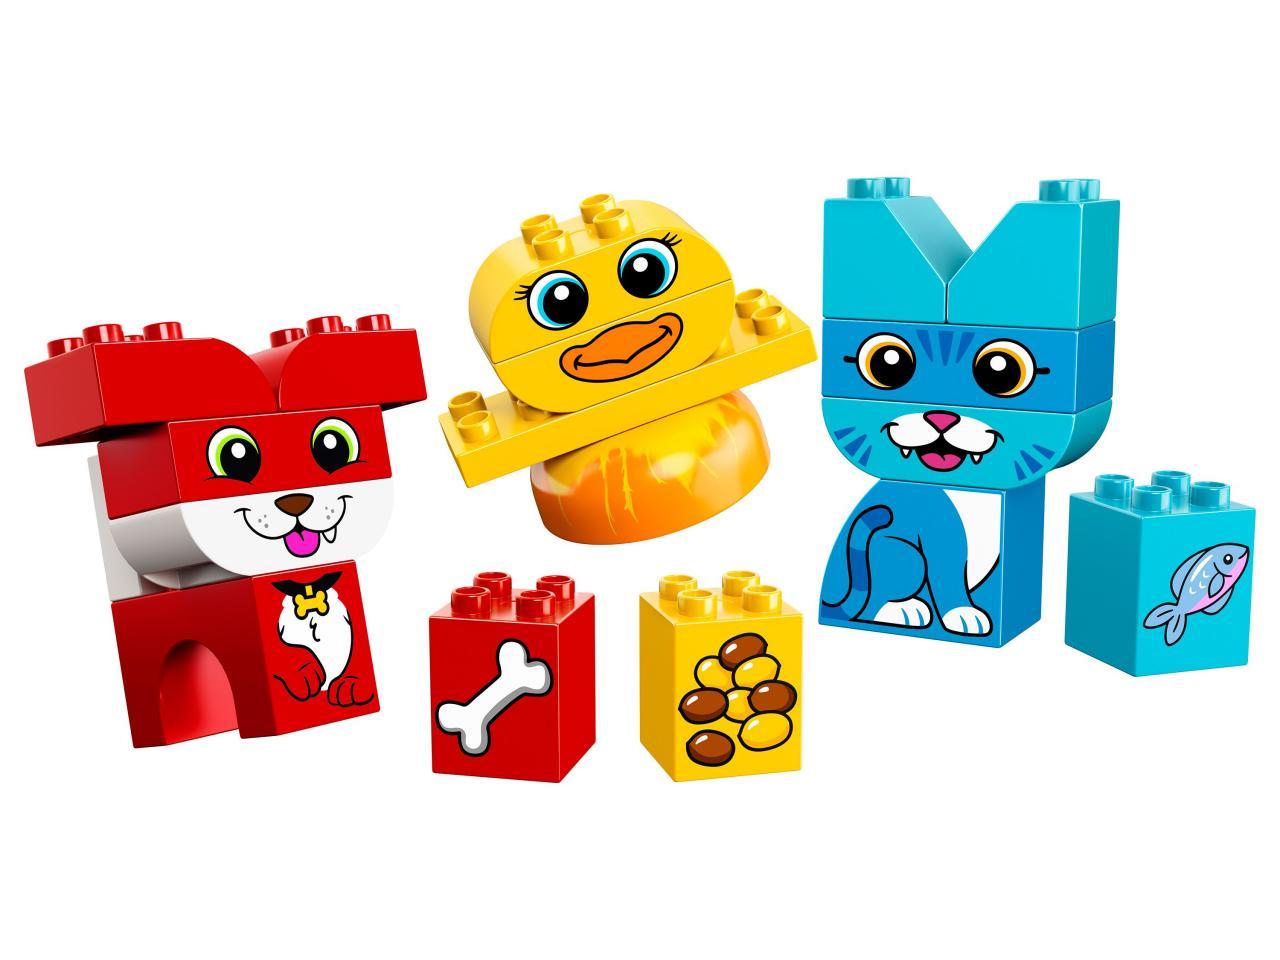 Купить Конструктор LEGO 10858 Duplo My First Мои первые домашние животные, пластик, Для мальчиков и девочек, Венгрия, Конструкторы